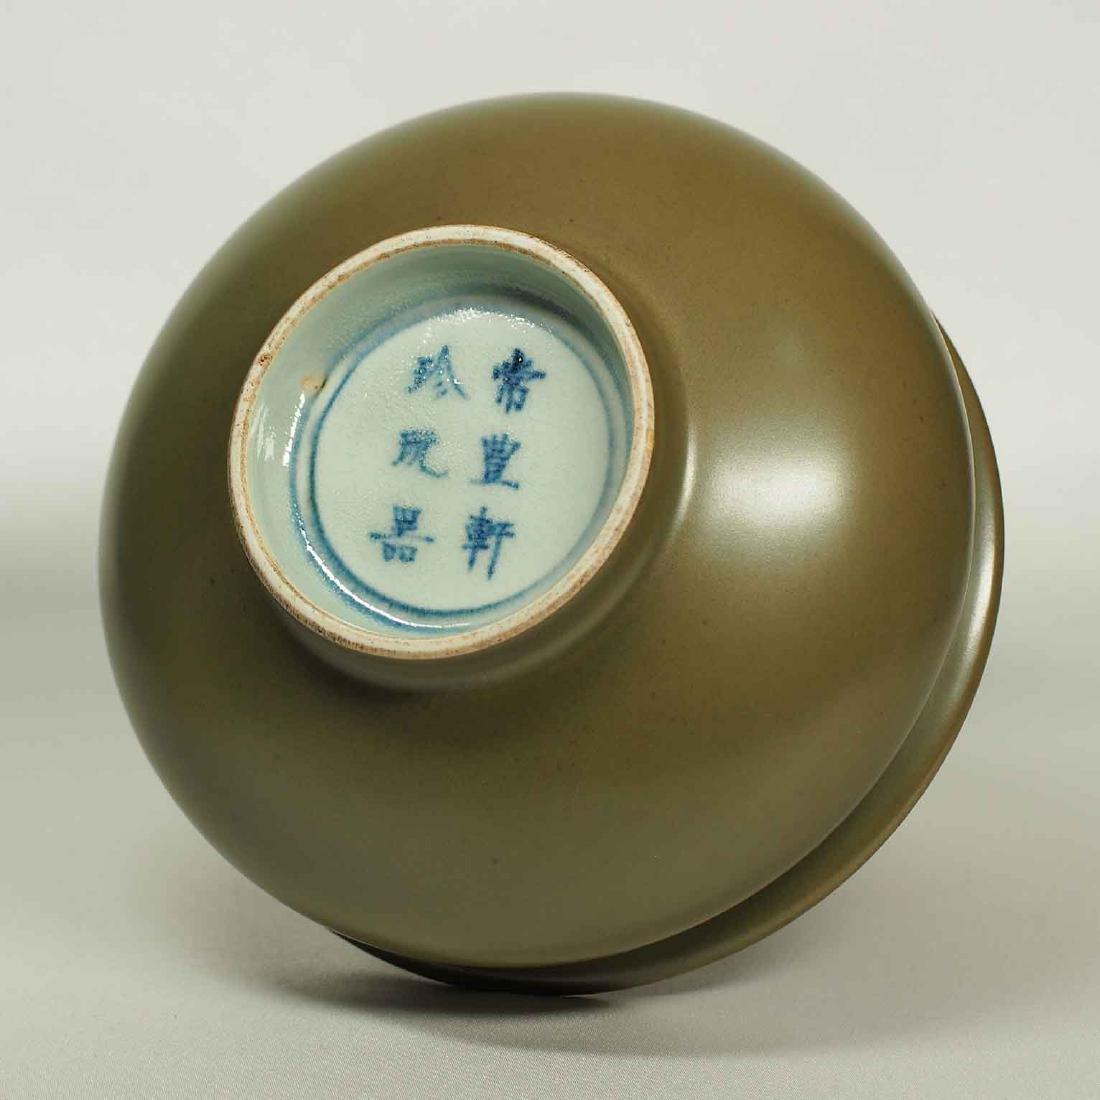 Flared-Rim Censer, Kangxi Mark, Qing Dynasty - 5